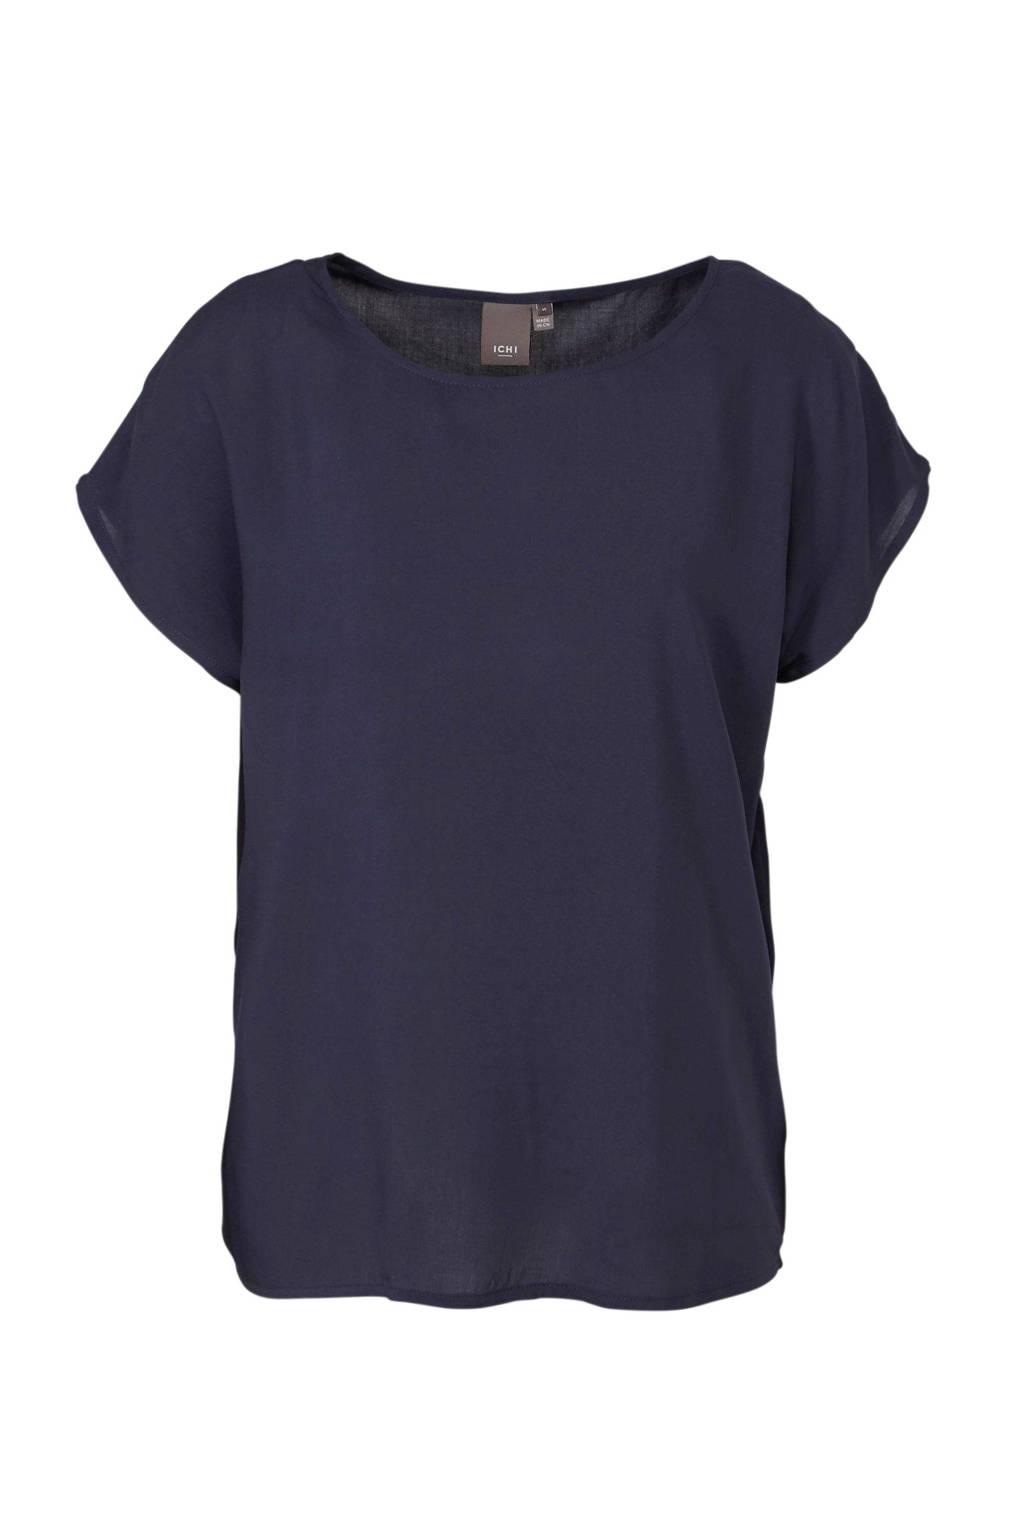 ICHI T-shirt donkerblauw, Donkerblauw